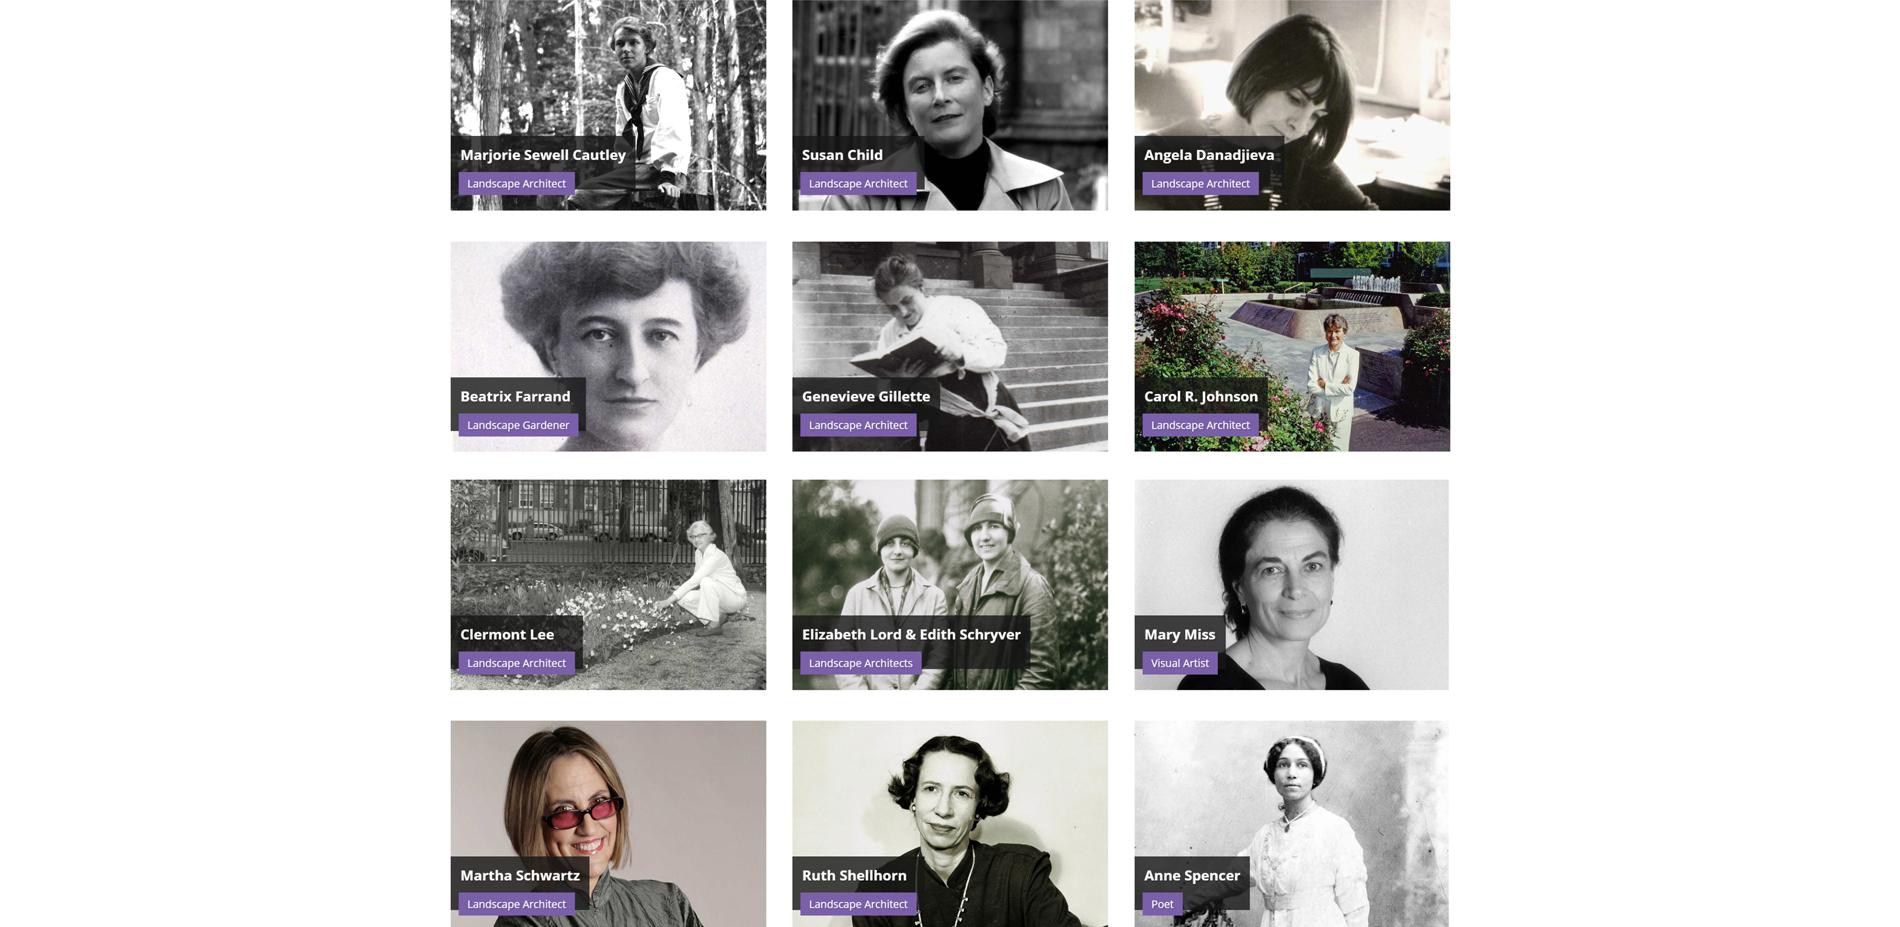 Landslide 2020: Women Take the Lead - Landslide 2020 hot links to biographies